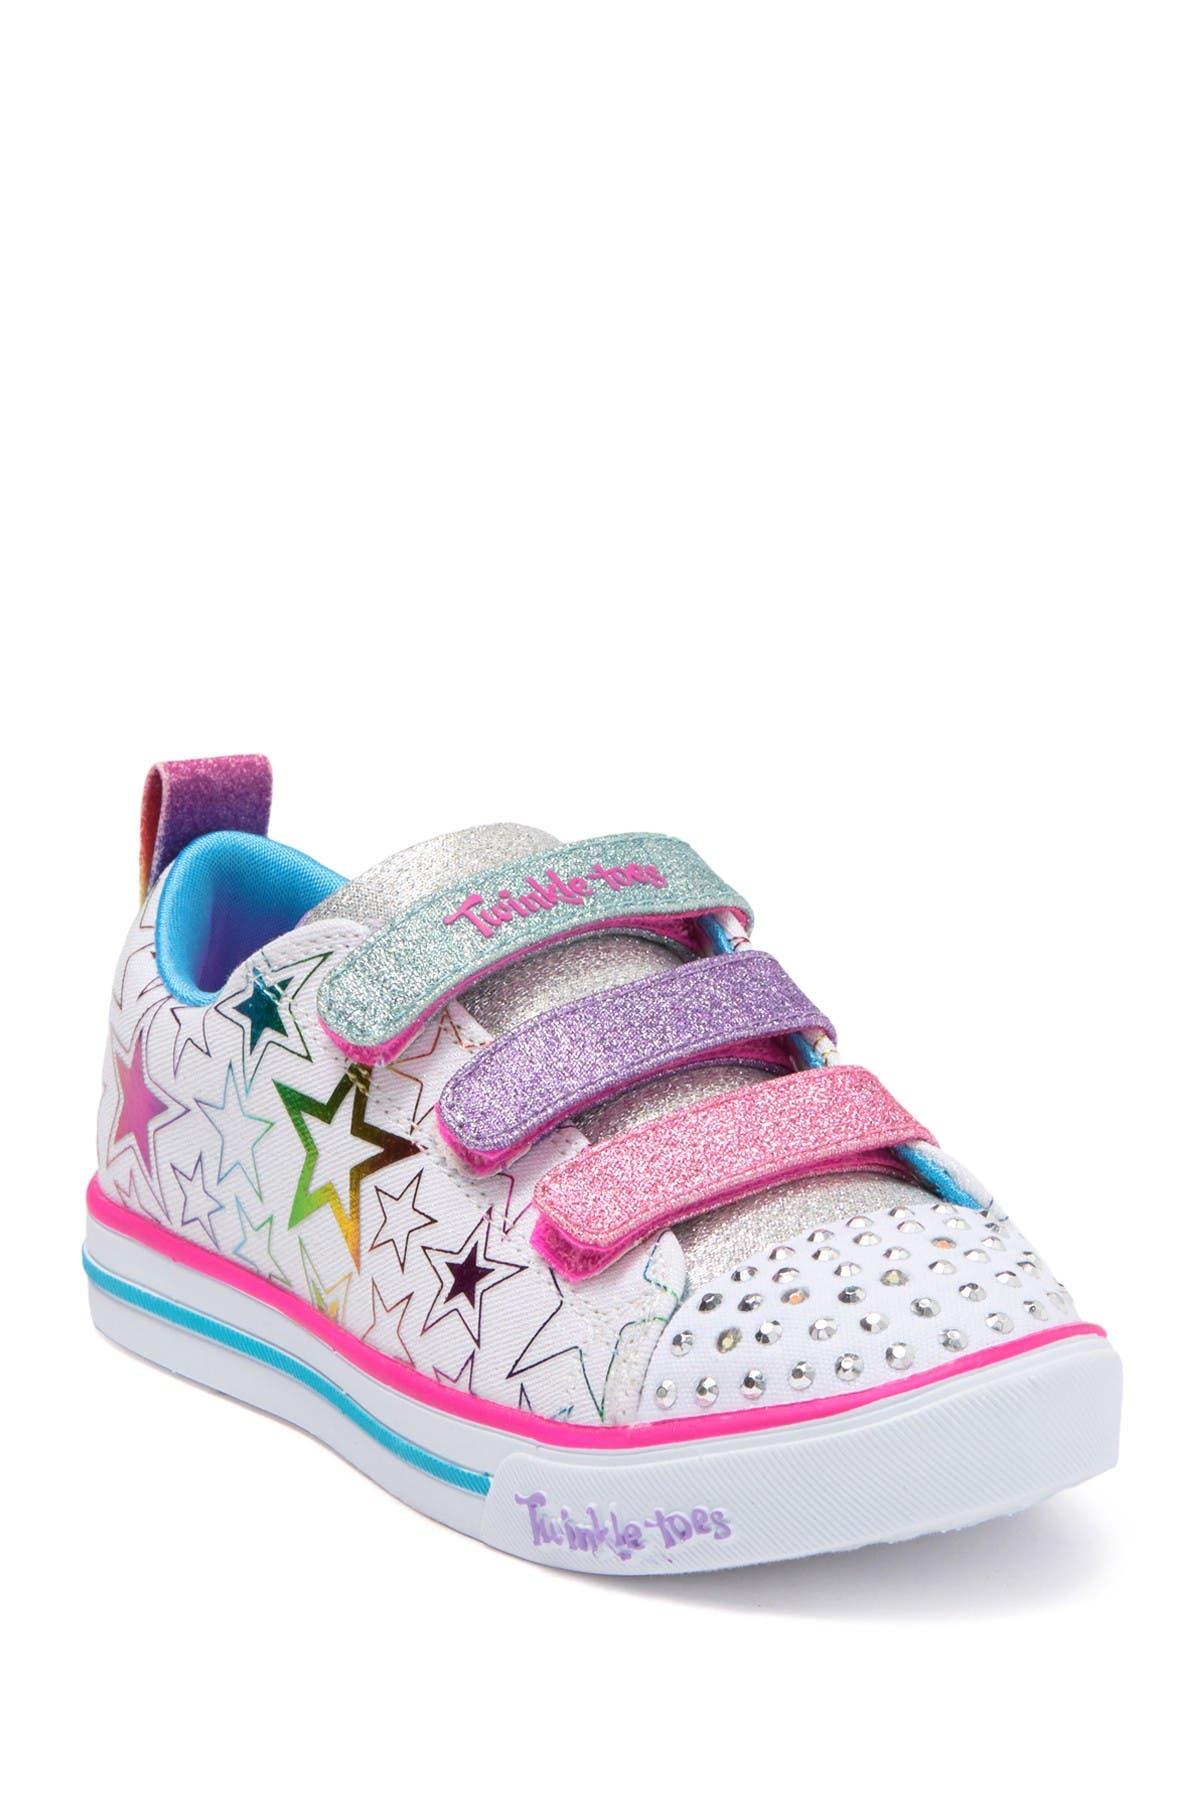 Los invitados con las manos en la masa Envolver  Skechers | Twinkle Toes Sparkle Lite Stars The Limit Sneaker | Nordstrom  Rack